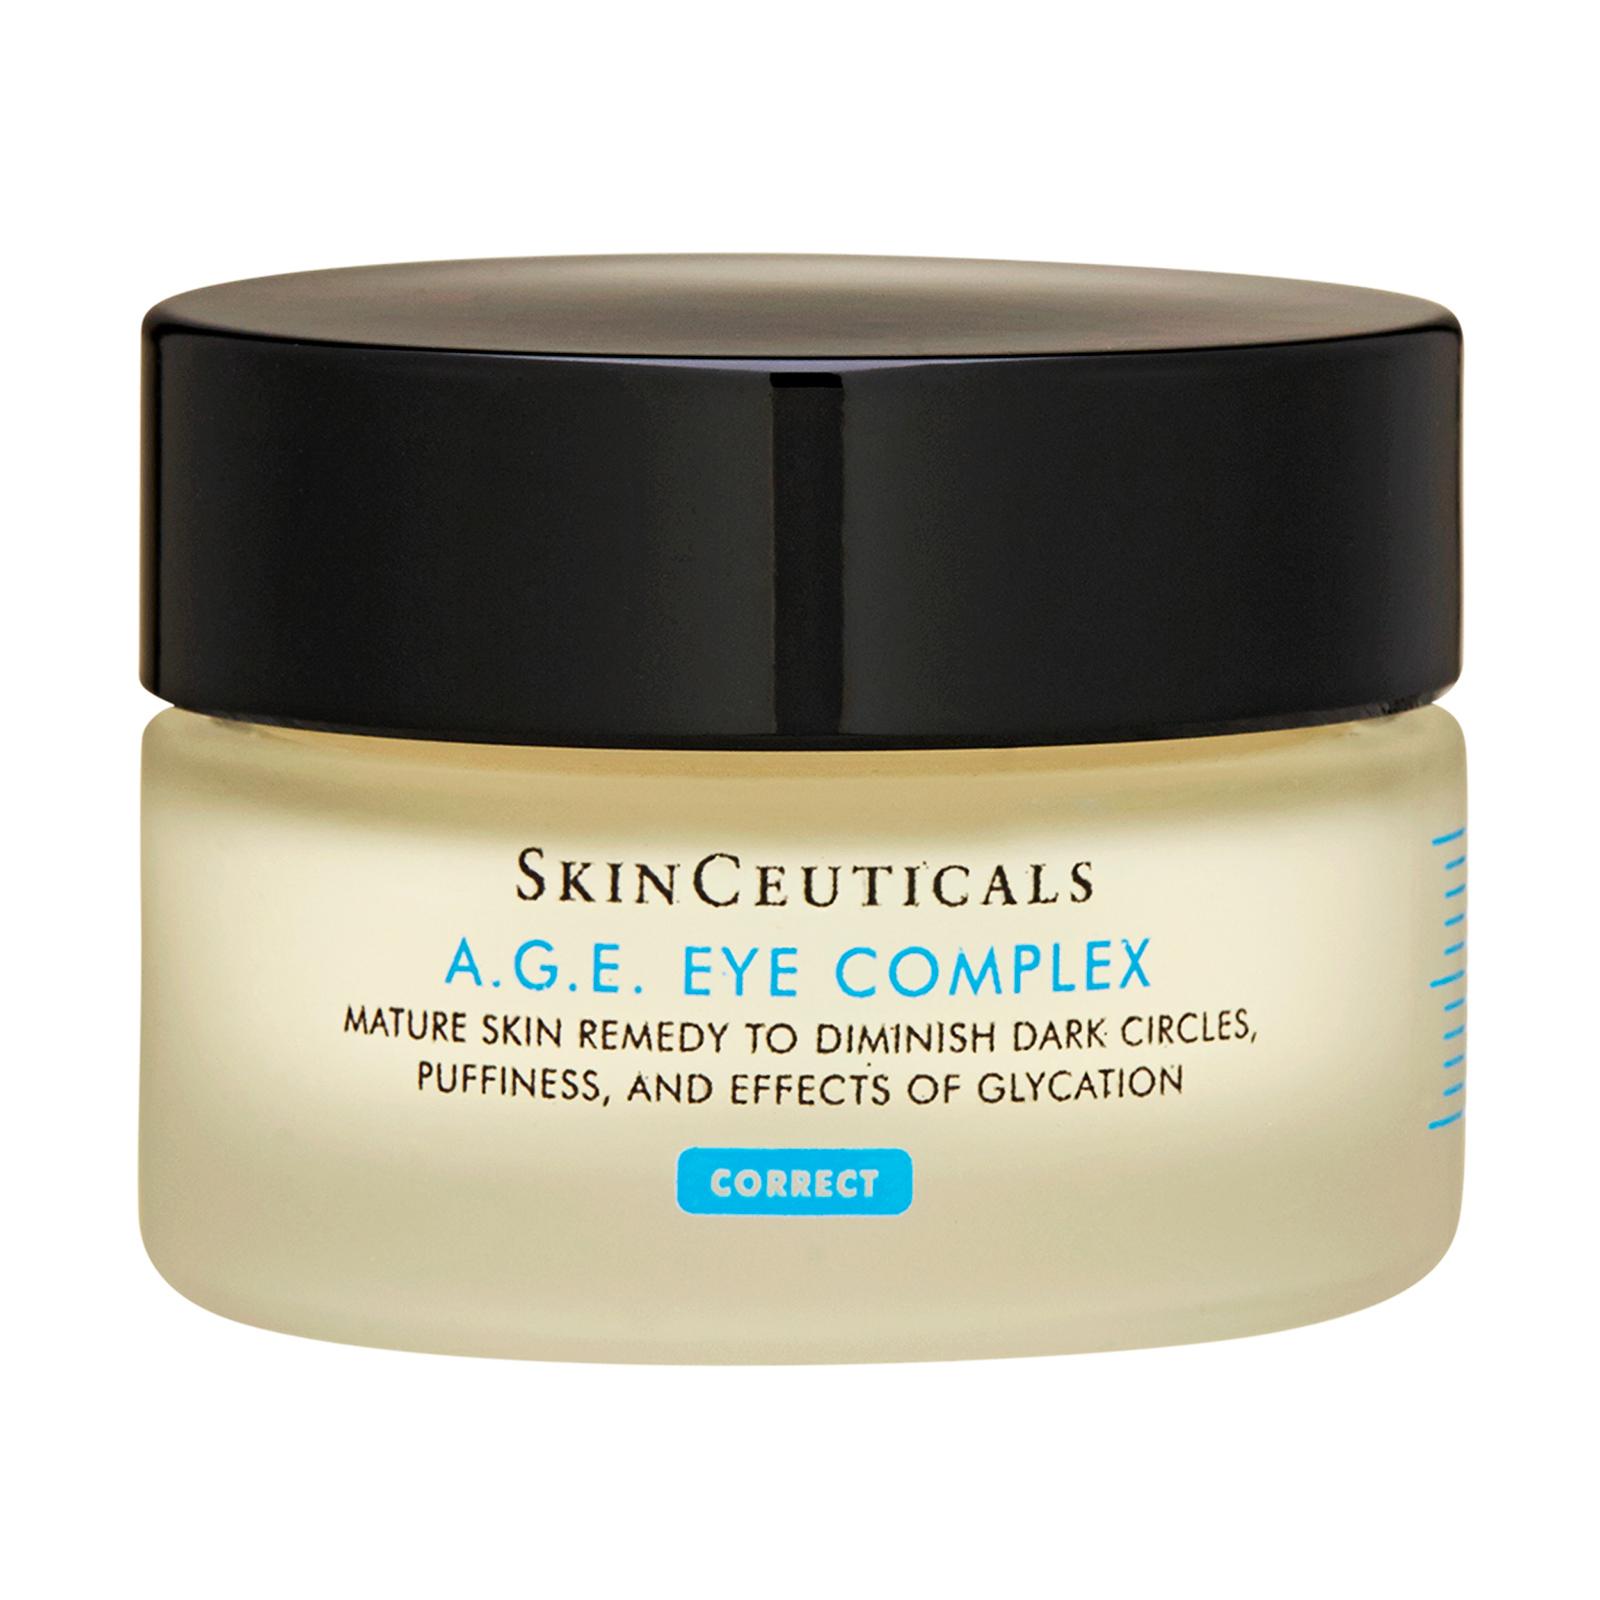 SkinCeuticals  A.G.E. Eye Complex 0.5oz, 15g